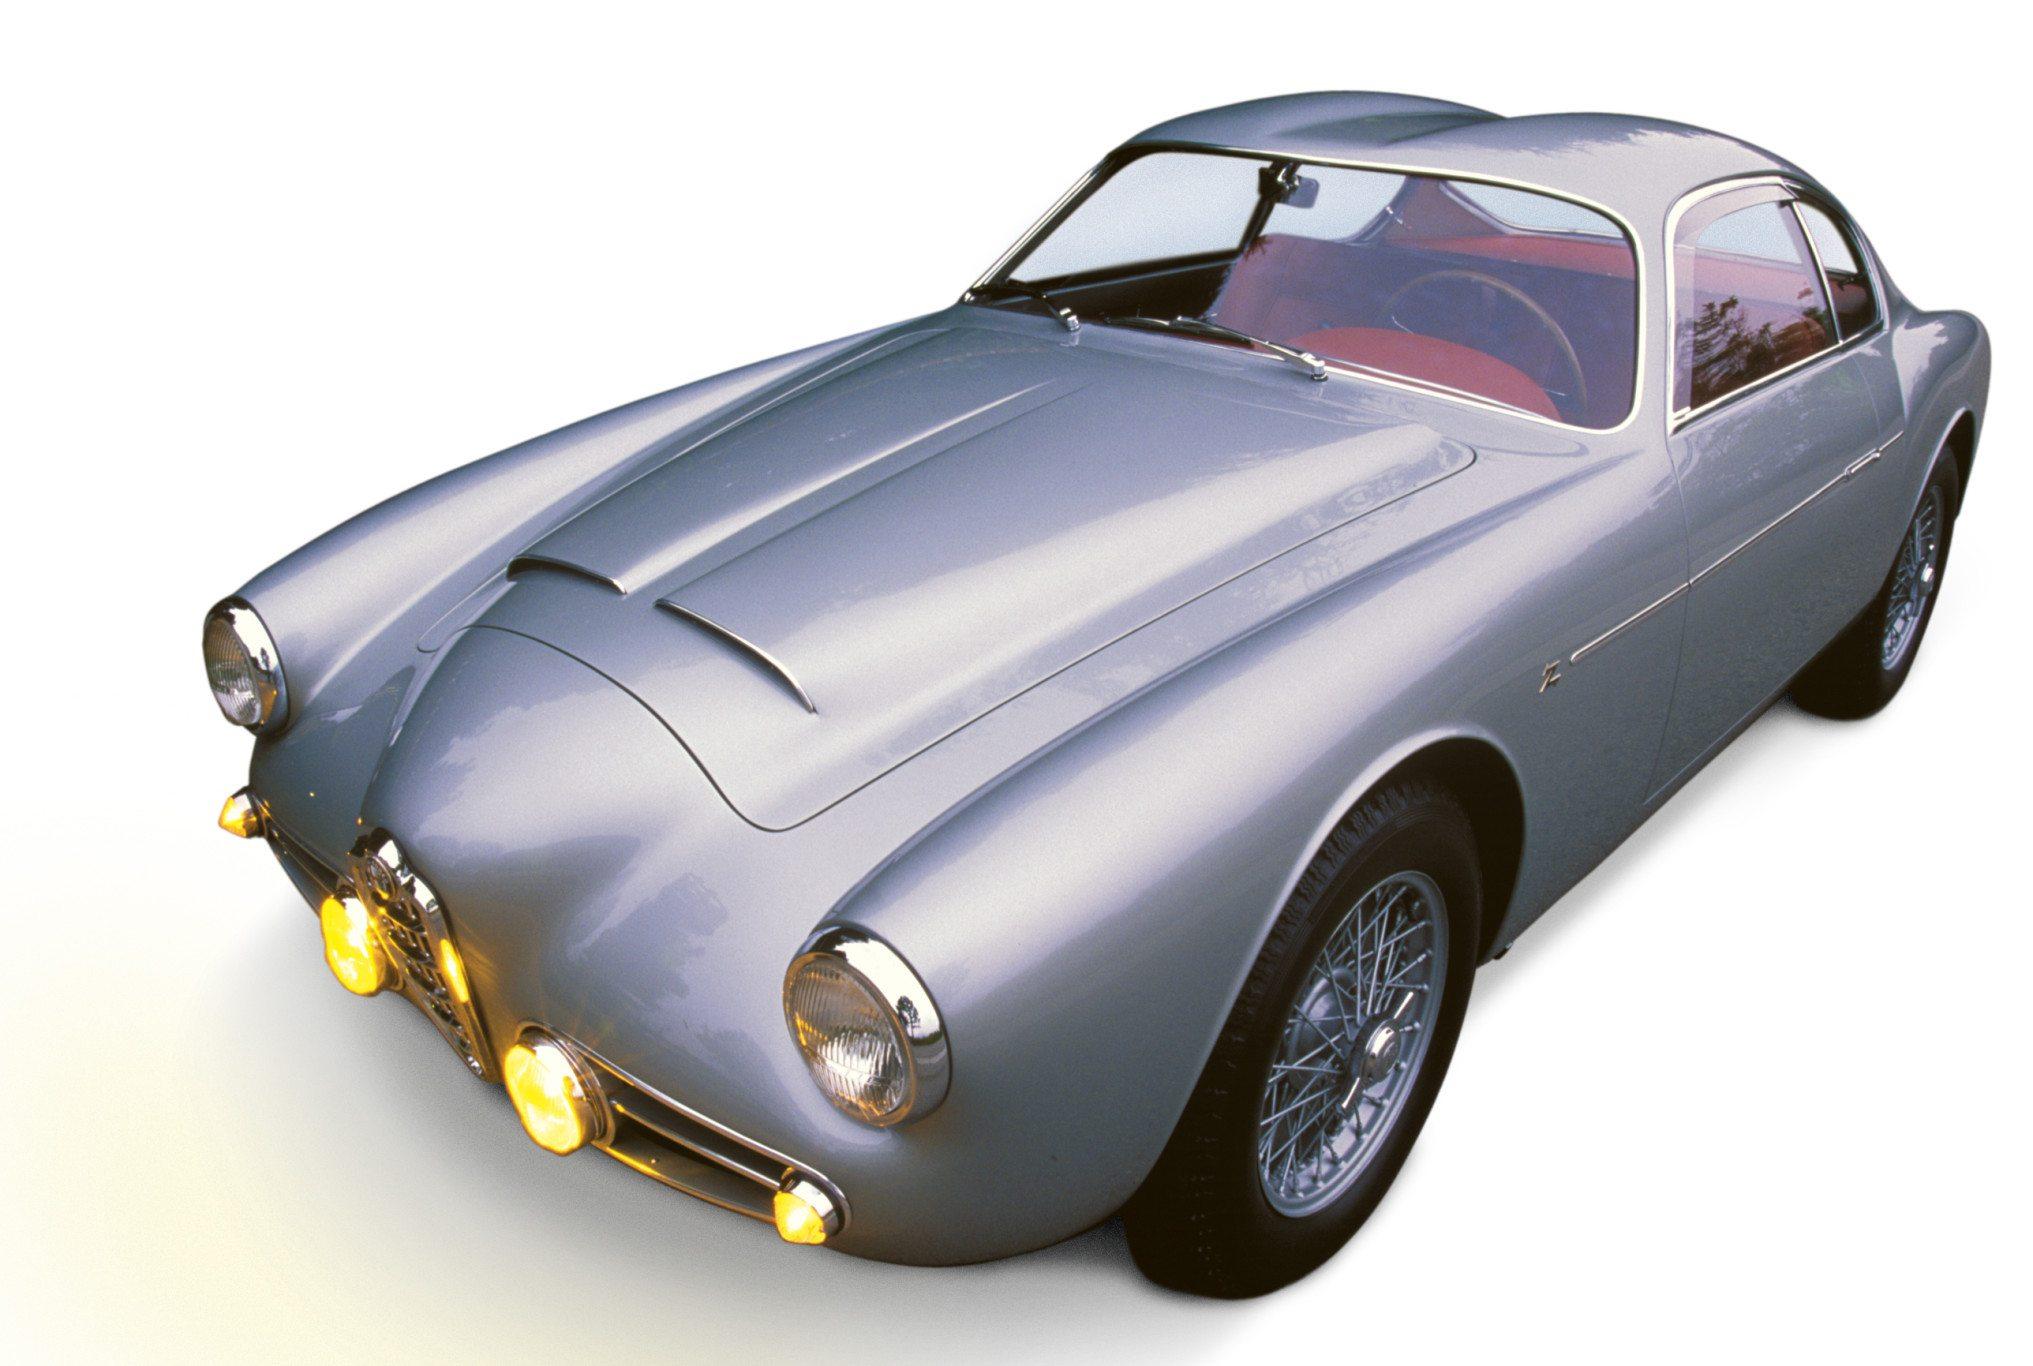 1956 Alfa Romeo 1900 SS Zagato Double Bubble Coupe